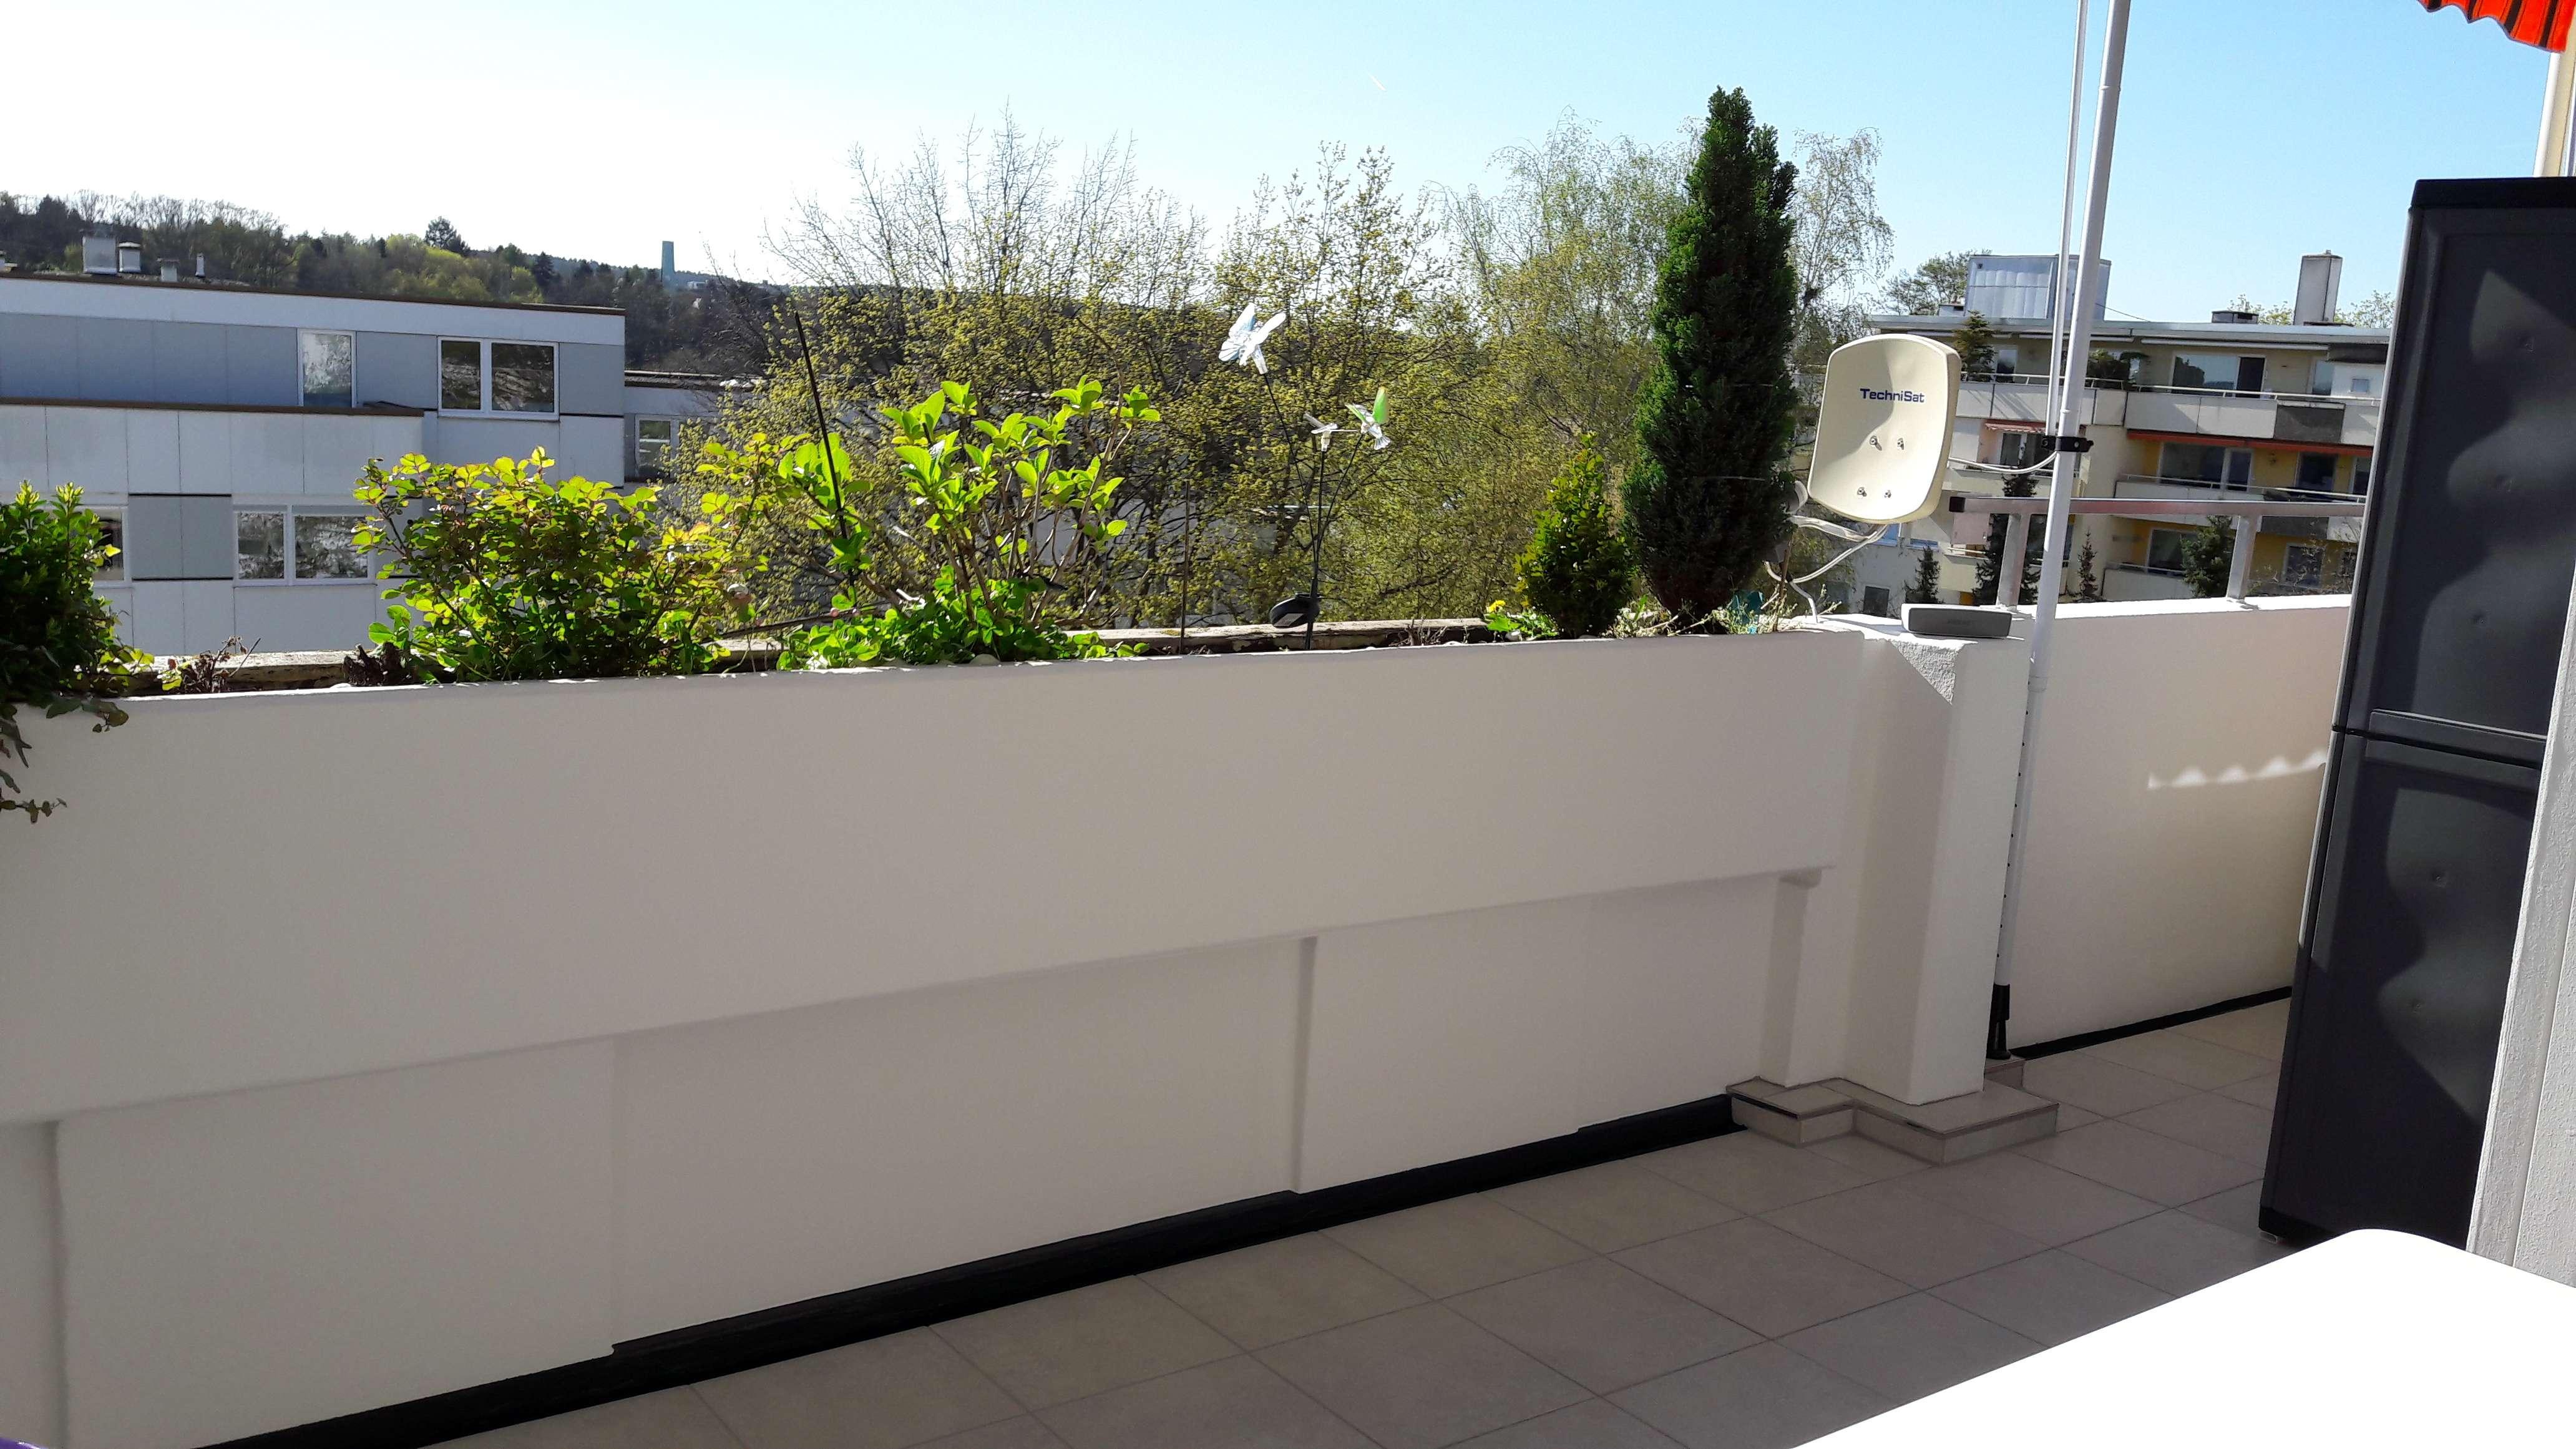 Provisionsfrei: Gepflegte 2,5-Zimmer-Wohnung mit großem Balkon und EBK in Fürth Süd